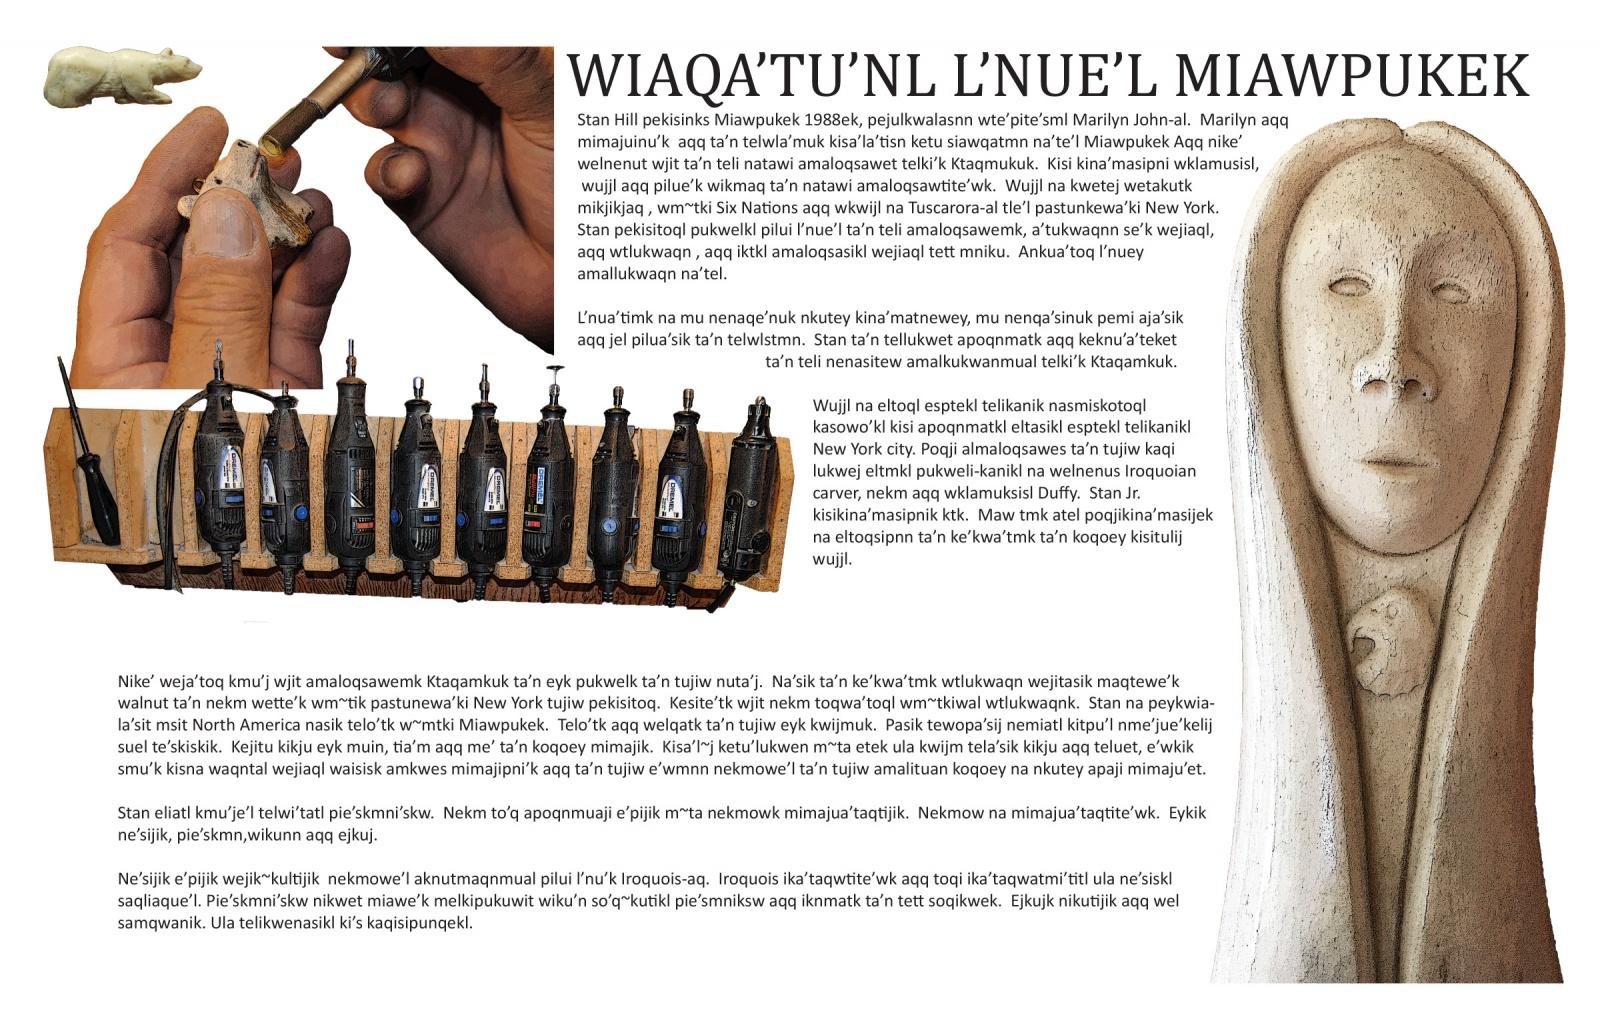 Wiaqa'tu'nl L'nue'l Miawpukek